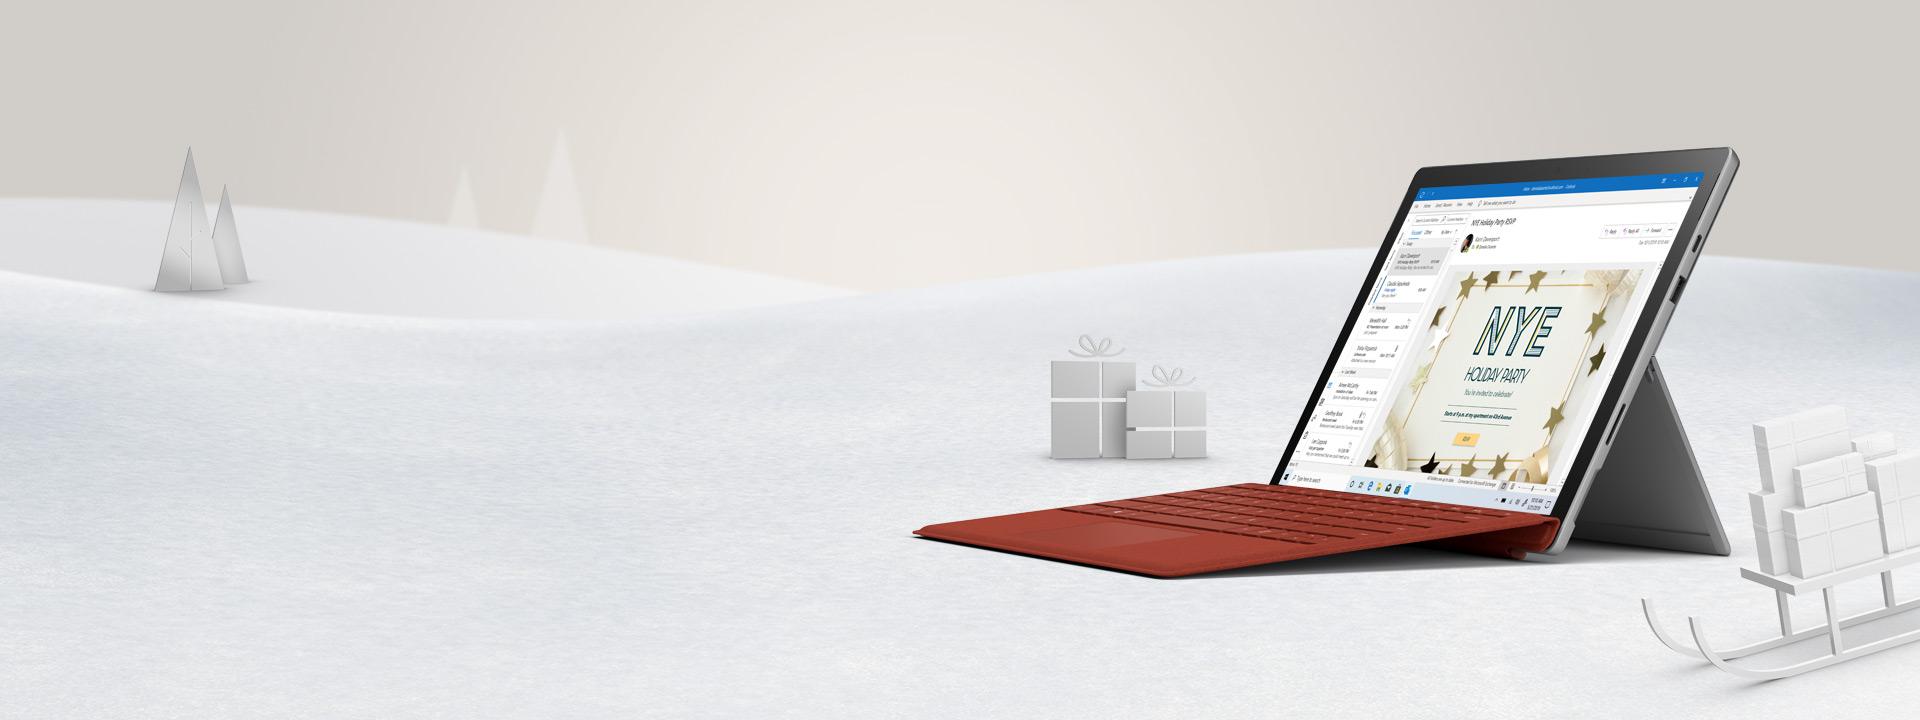 Ofereça possibilidades com um novo Surface Pro 7